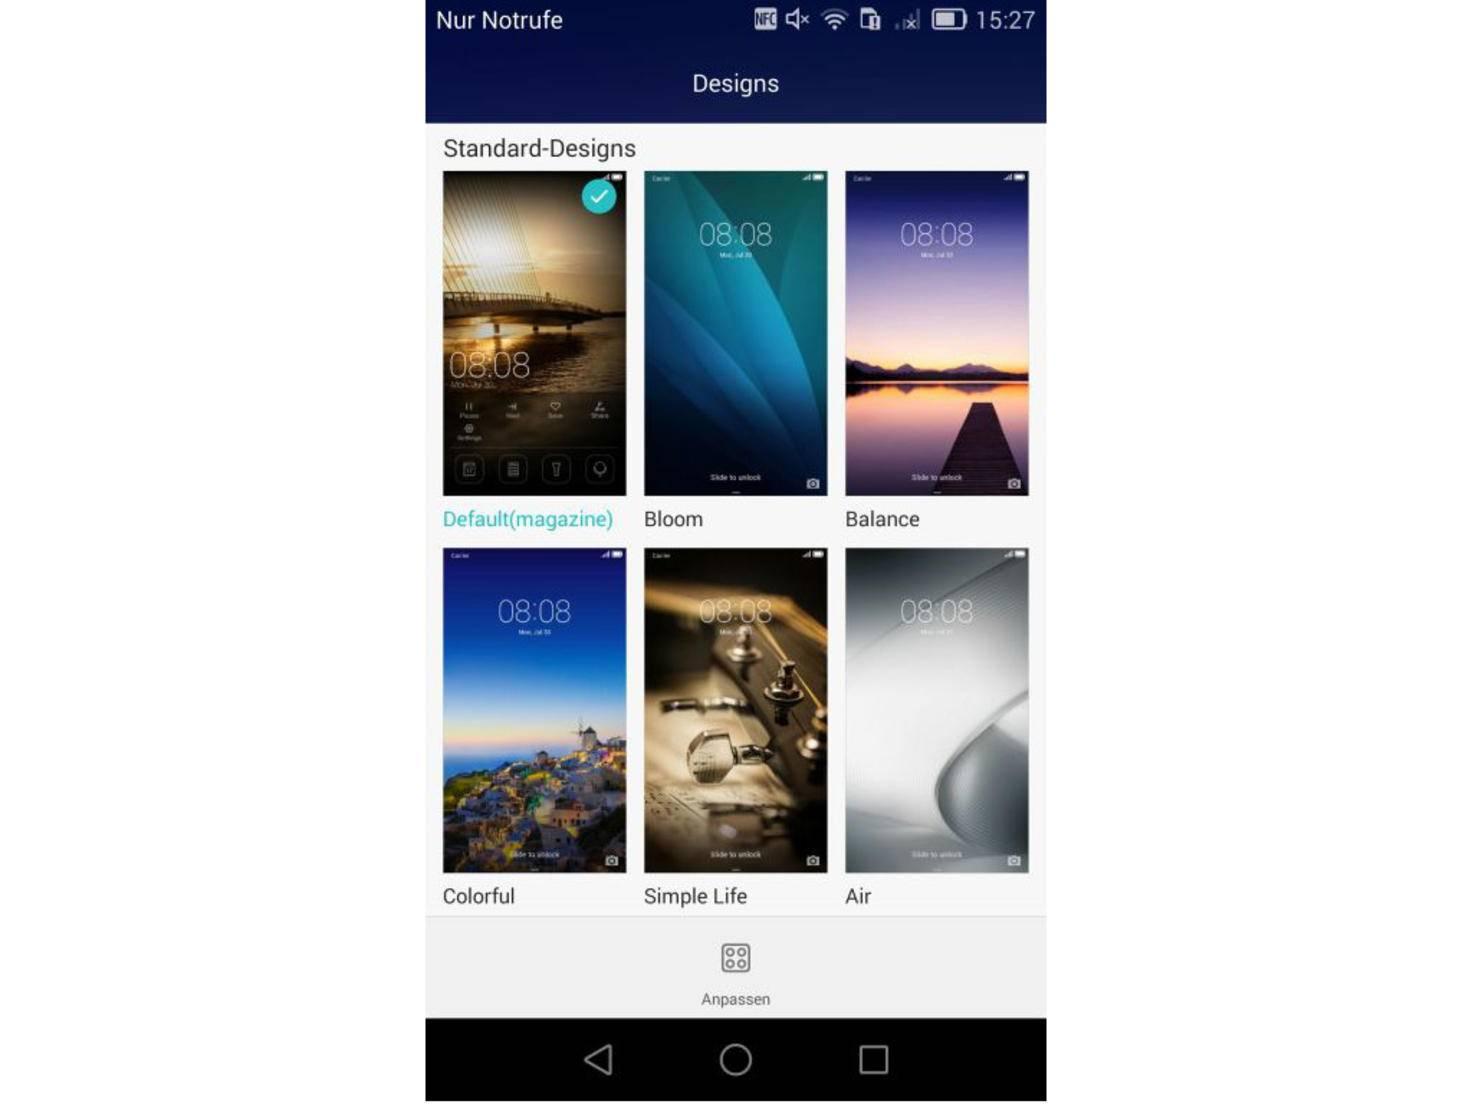 Das Emotion-UI bietet verschiedene Designs.